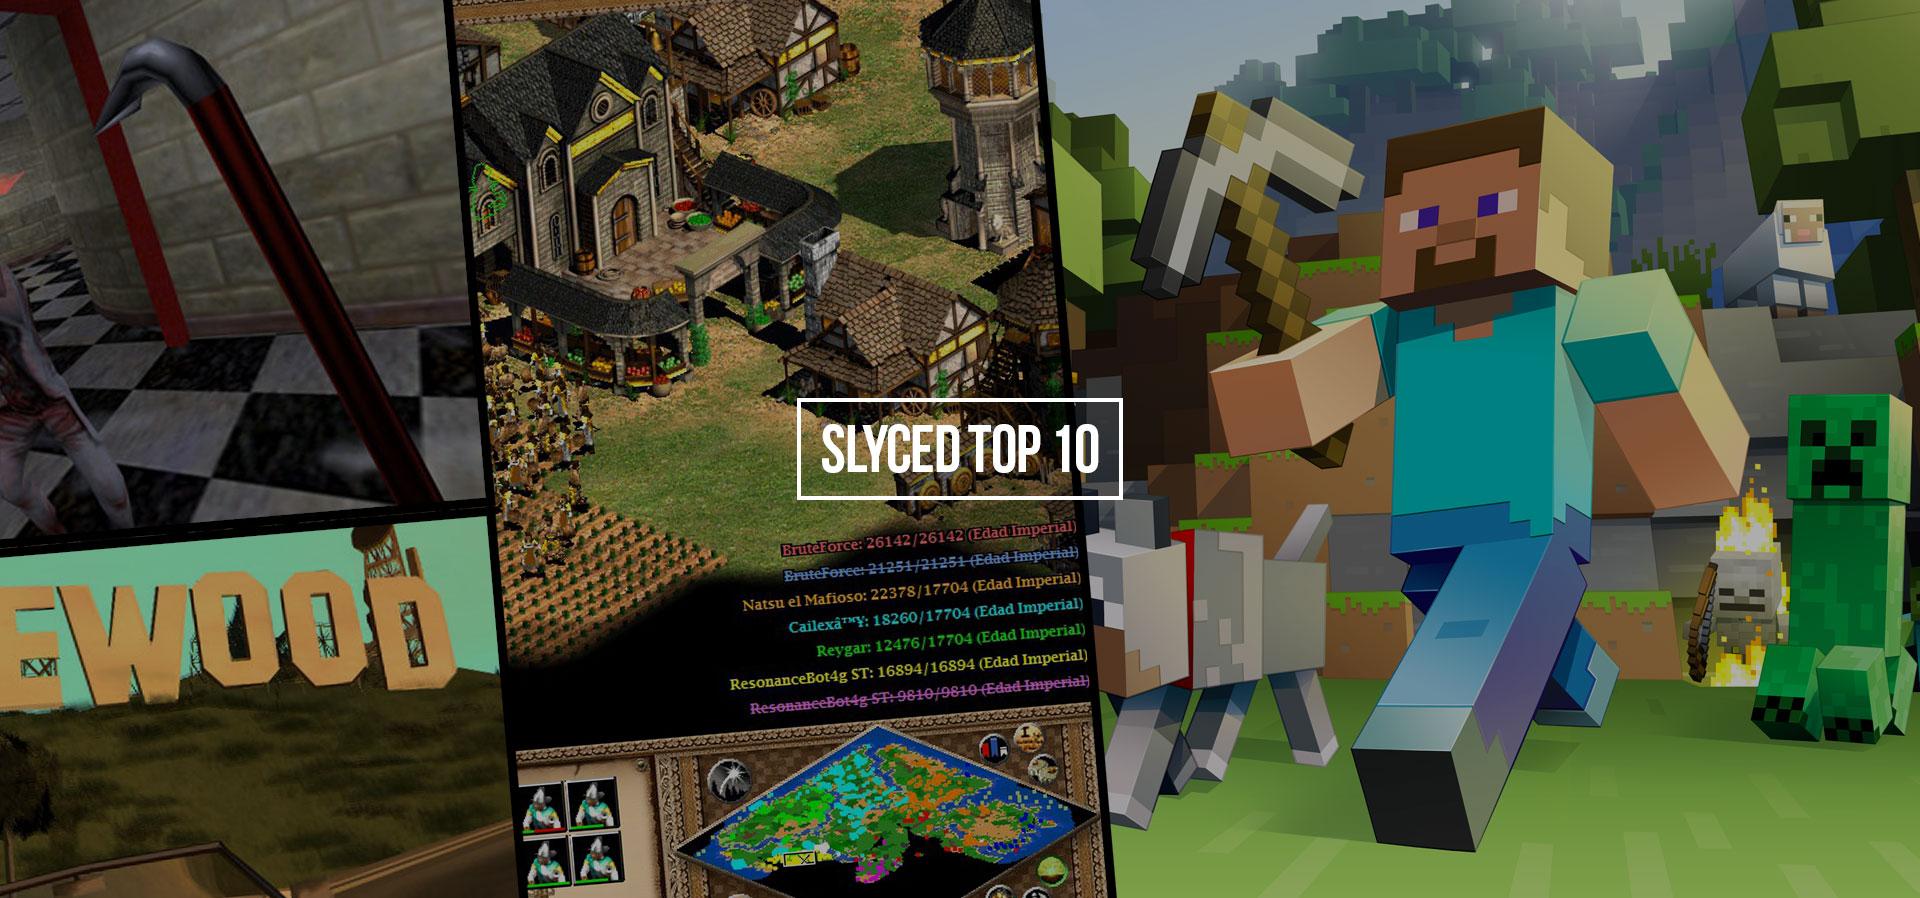 Top Spiele Die Man Gespielt Haben Sollte SLYCEDde Online - Minecraft spielen erklarung